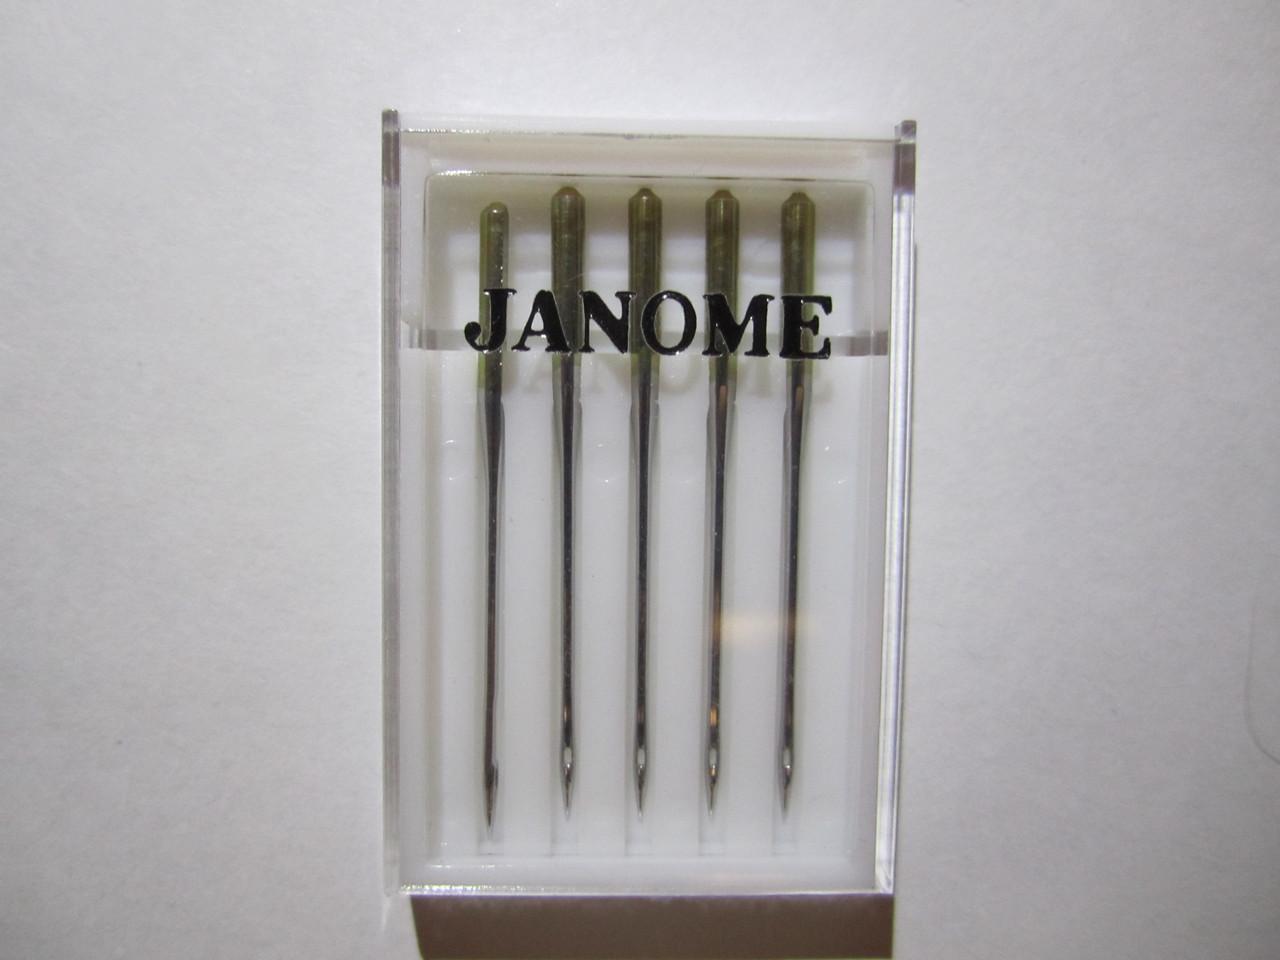 Иголки Janome №14 - 90 номер Универсальные Elna Janome Merrylock